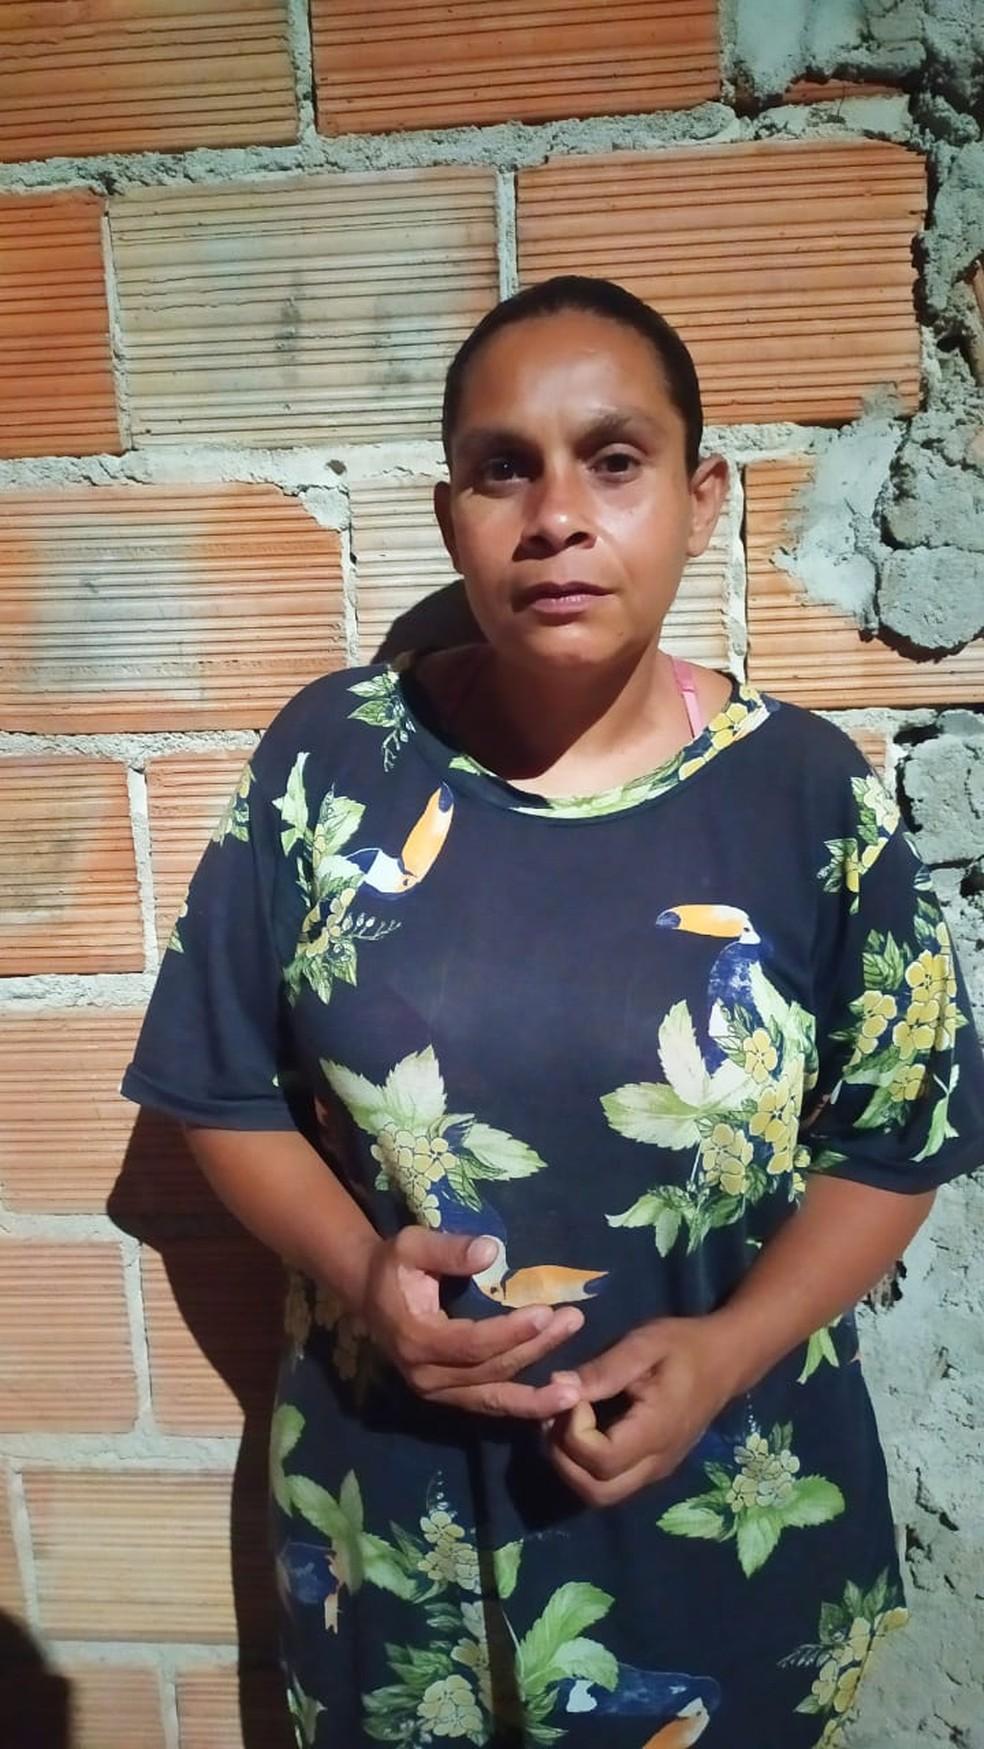 Fernanda Moreira da Silva, de 37 anos, tem oito filhos e vive em casa de um cômodo — Foto: André Cavaleiro/Arquivo pessoal